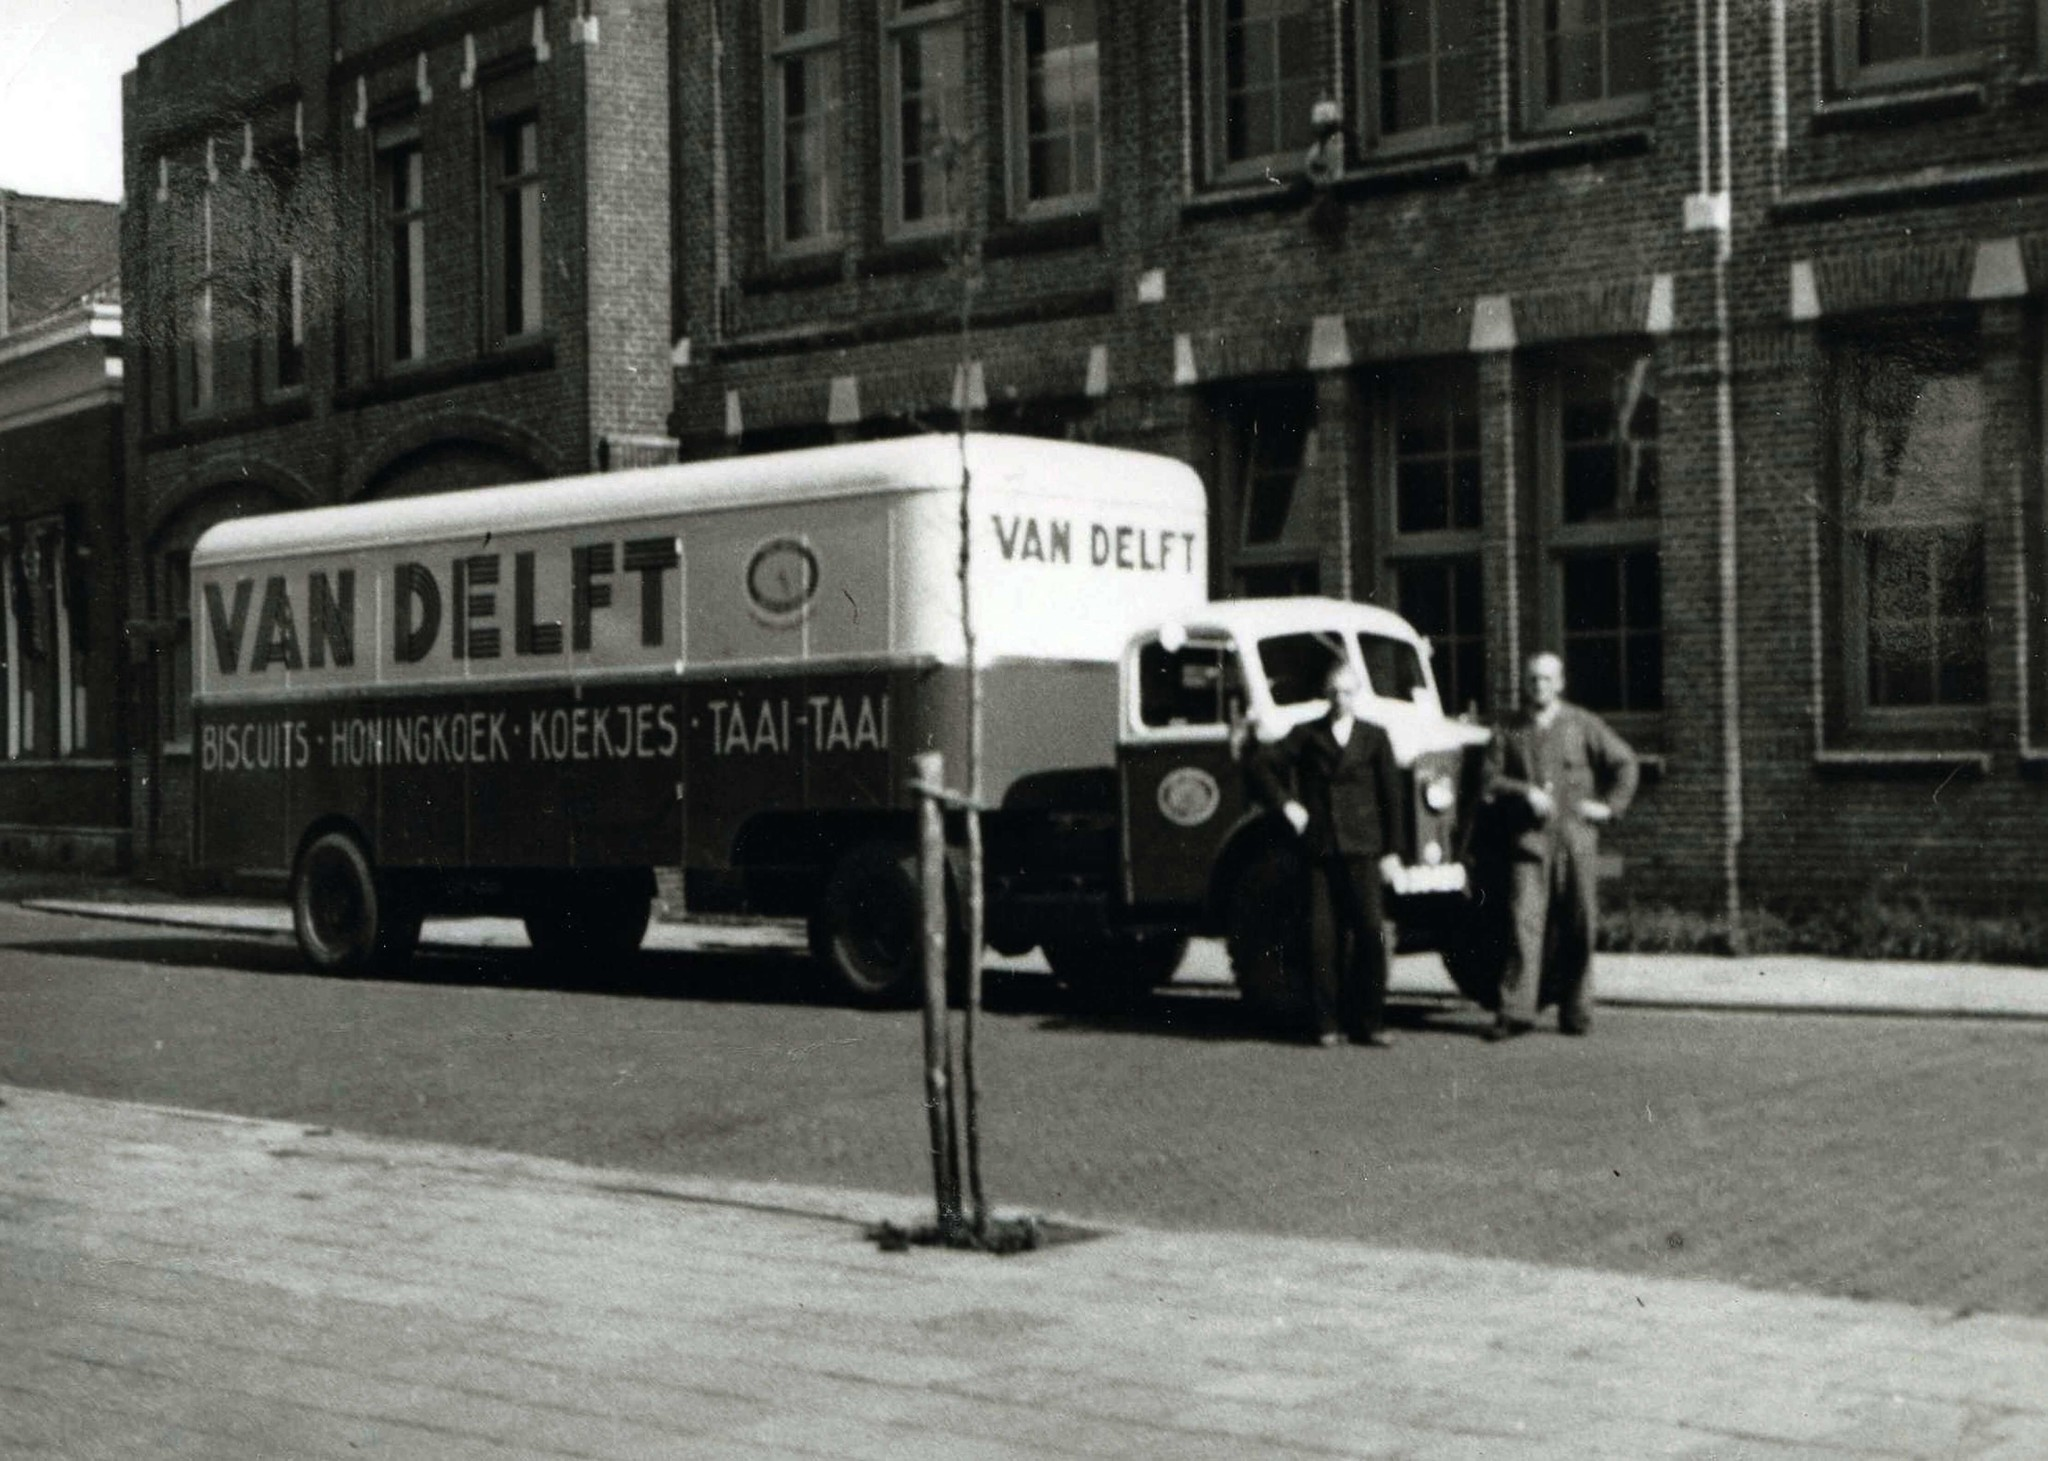 Geschiedenis Van Delft de Pepernotenfabriek